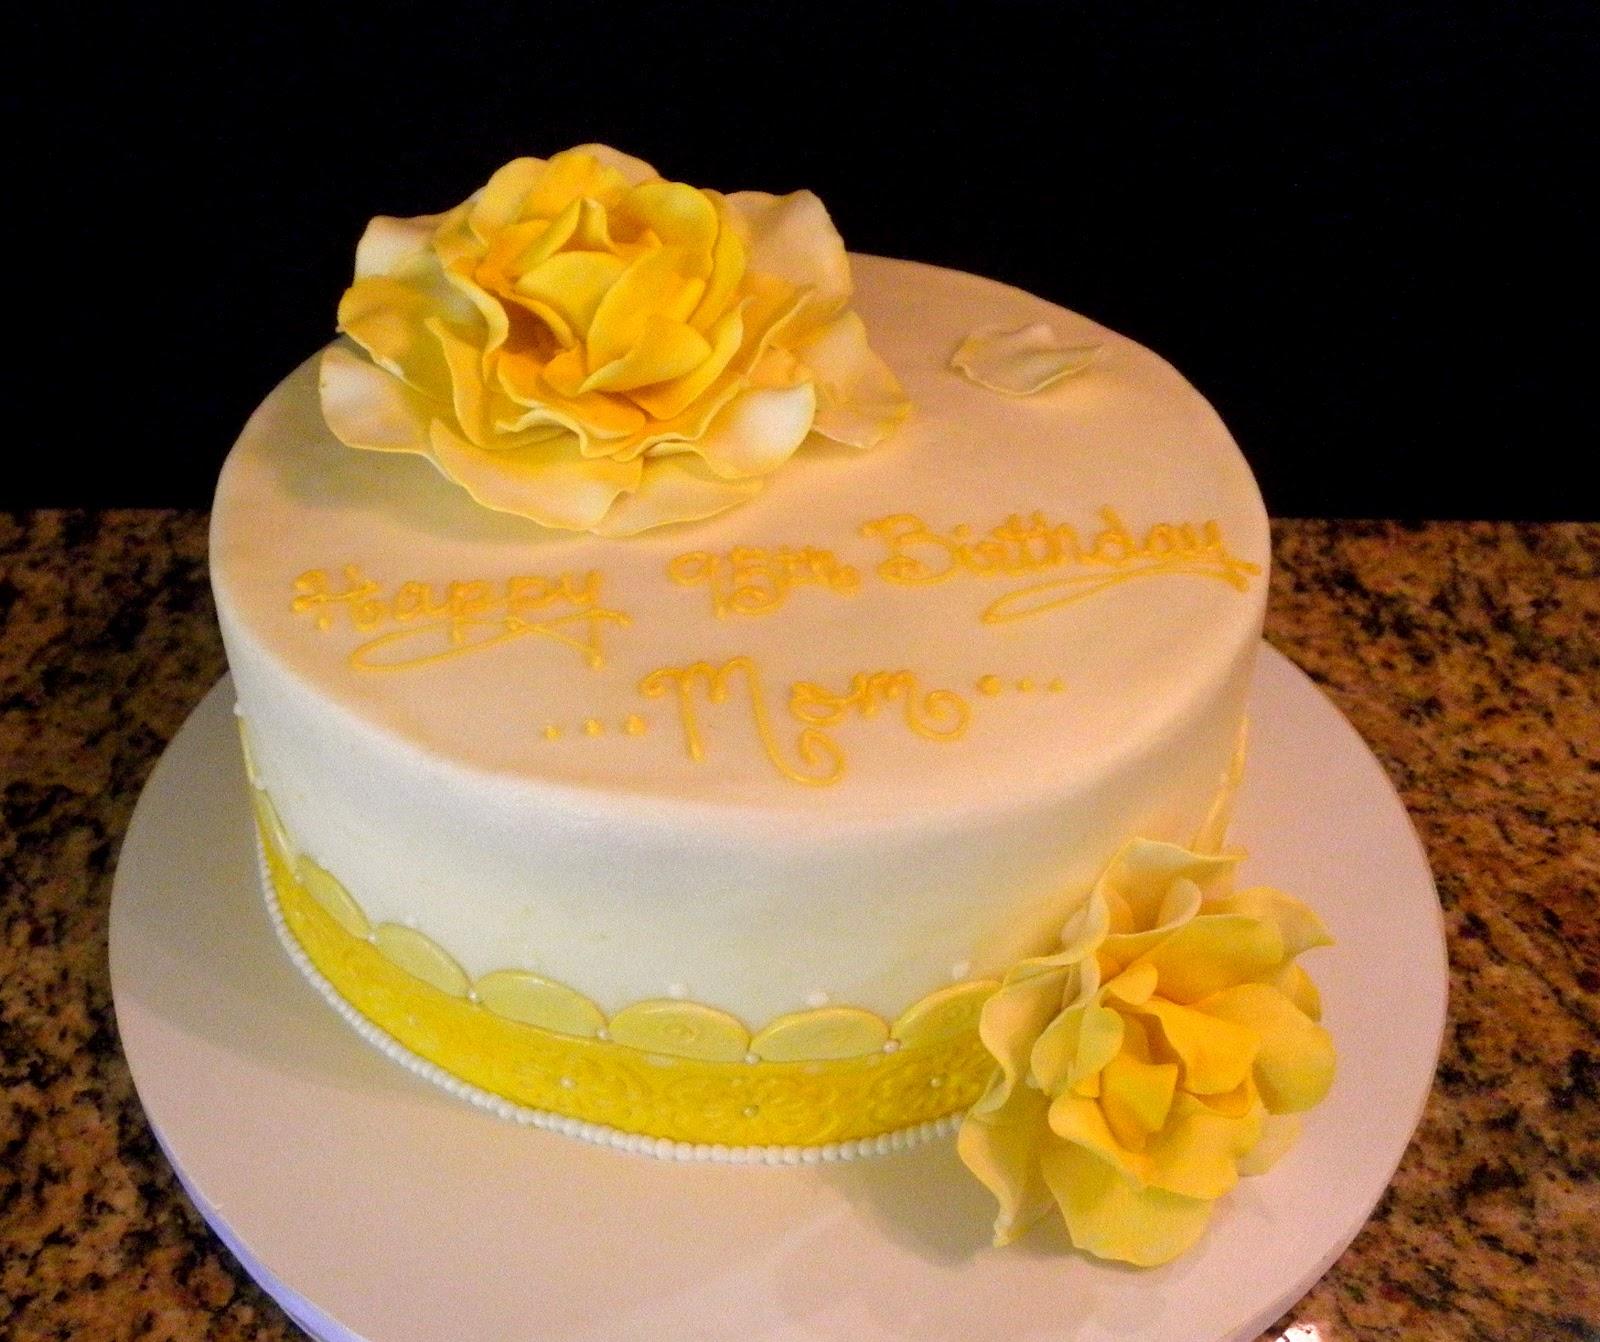 Sweet T S Cake Design Yellow Rose Birthday Cake